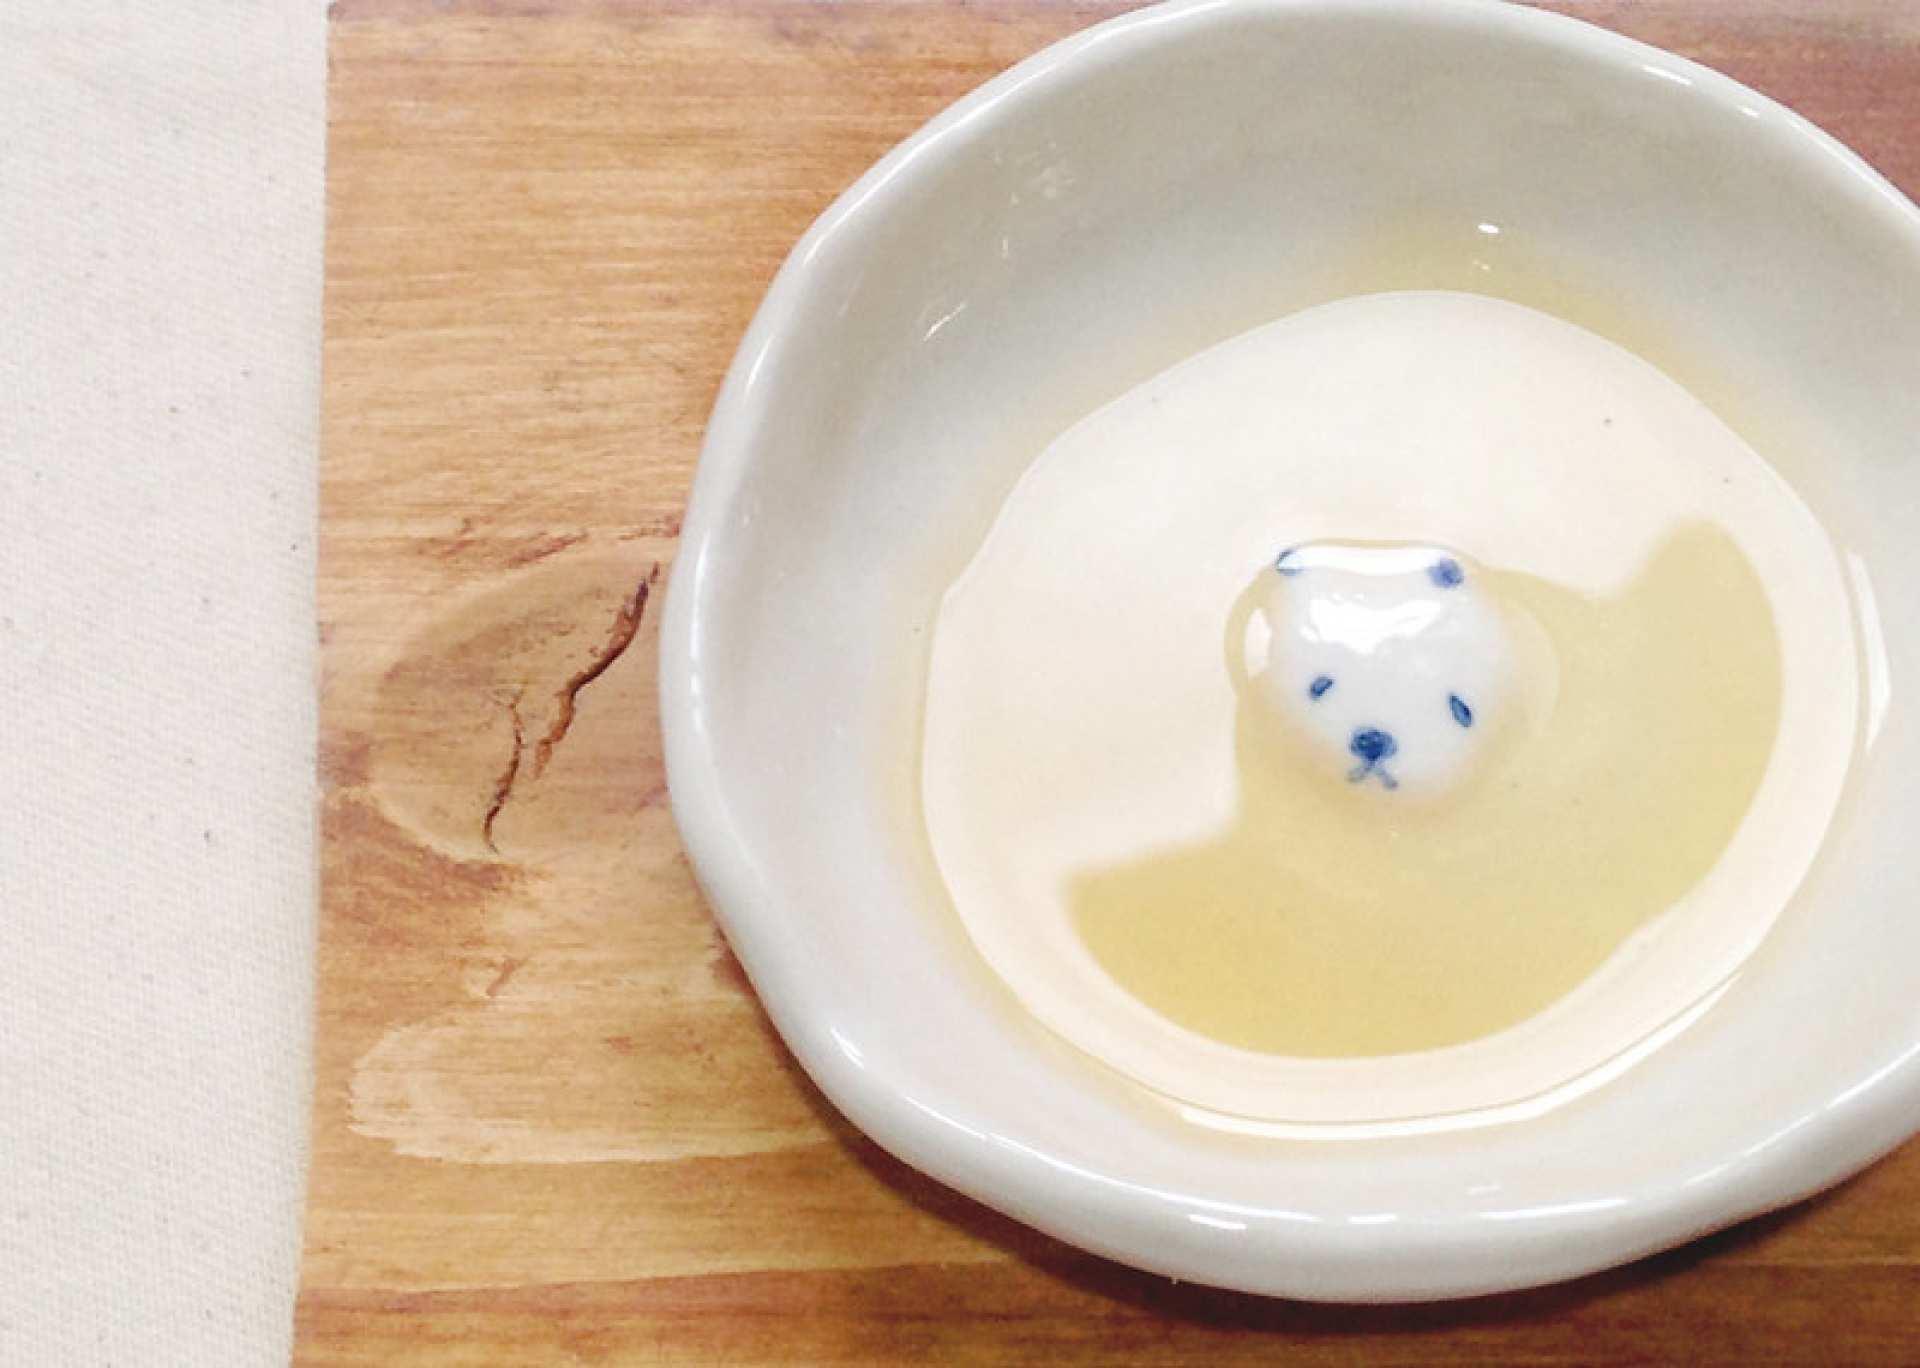 【品品學堂手作體驗】溫視日 Wednesday 手捏陶瓷器皿